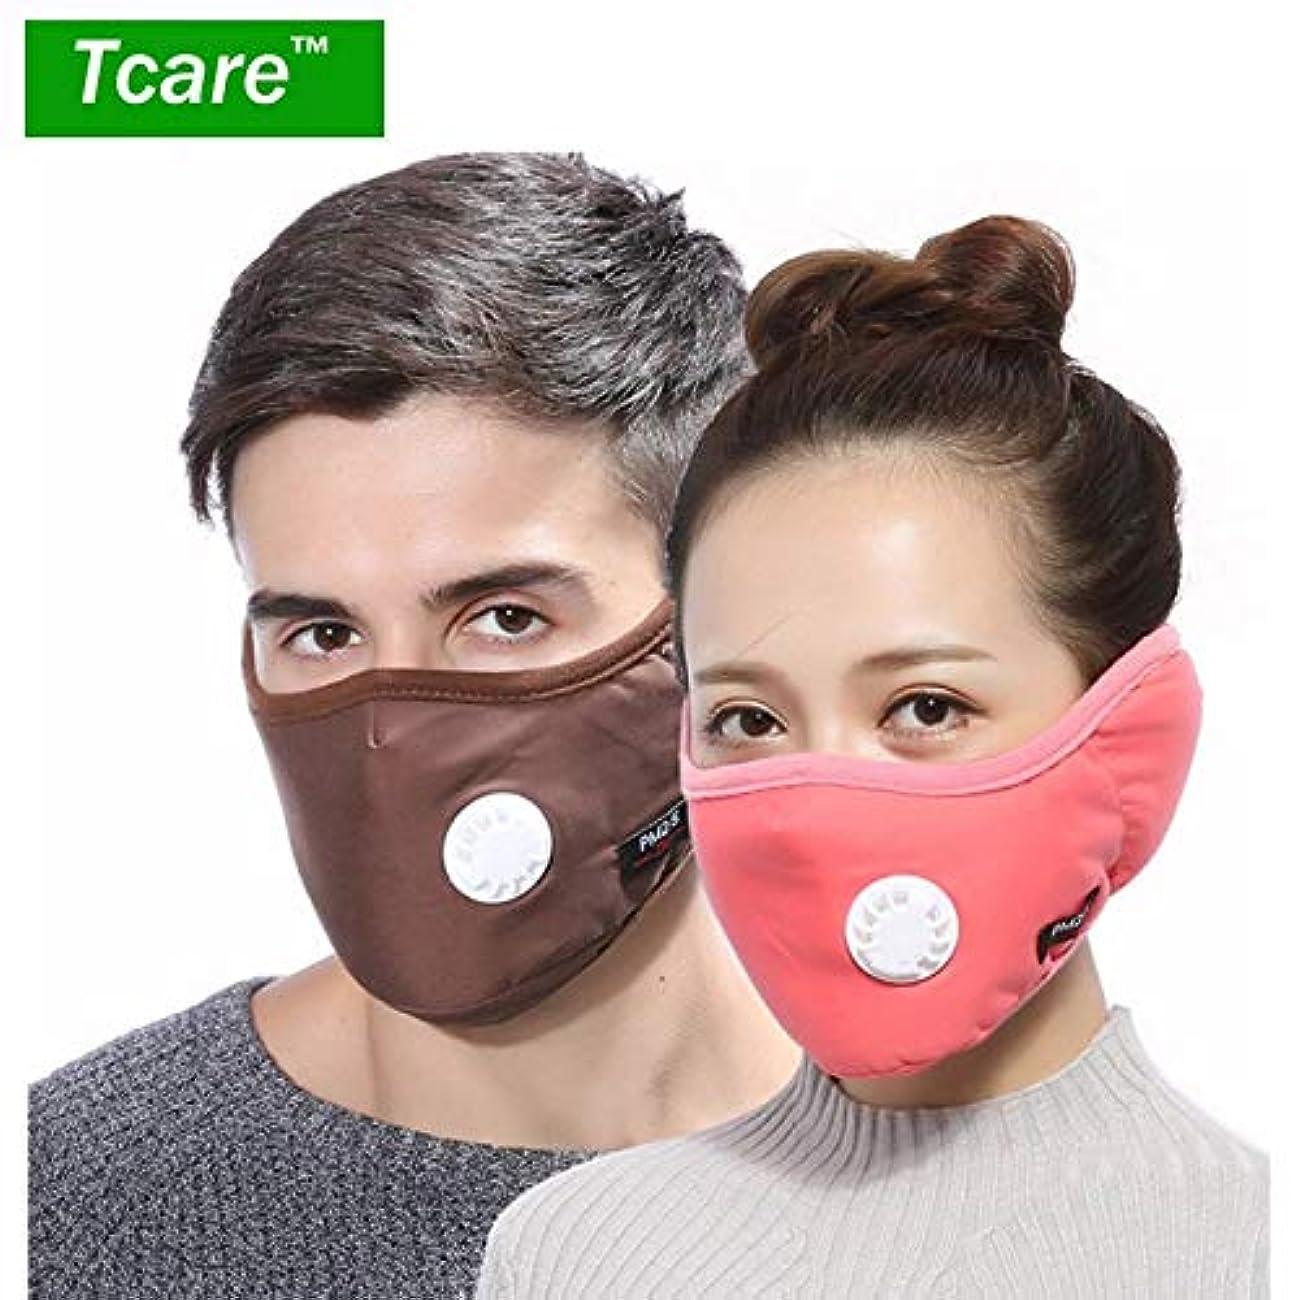 アクティブタンパク質羊飼い5ブラウン:1枚のPM2.5マスクバルブコットンアンチダスト口マスク冬のイヤーマフActtedフィルター付マスクでTcare 2